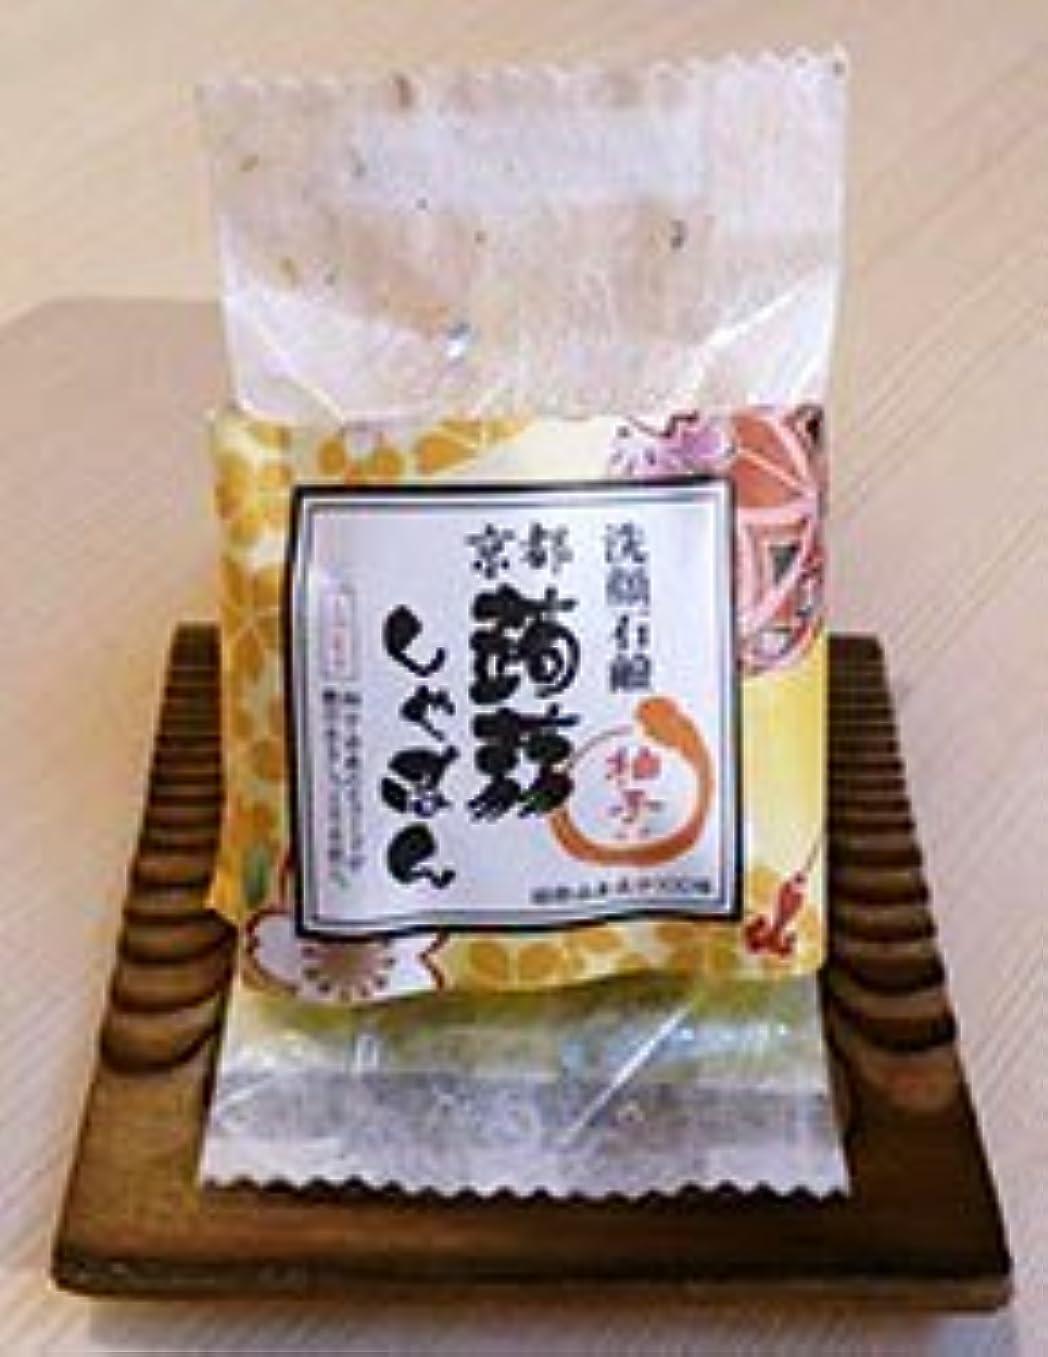 細菌決定促進する京都蒟蒻しゃぼん「柚子 ゆず」